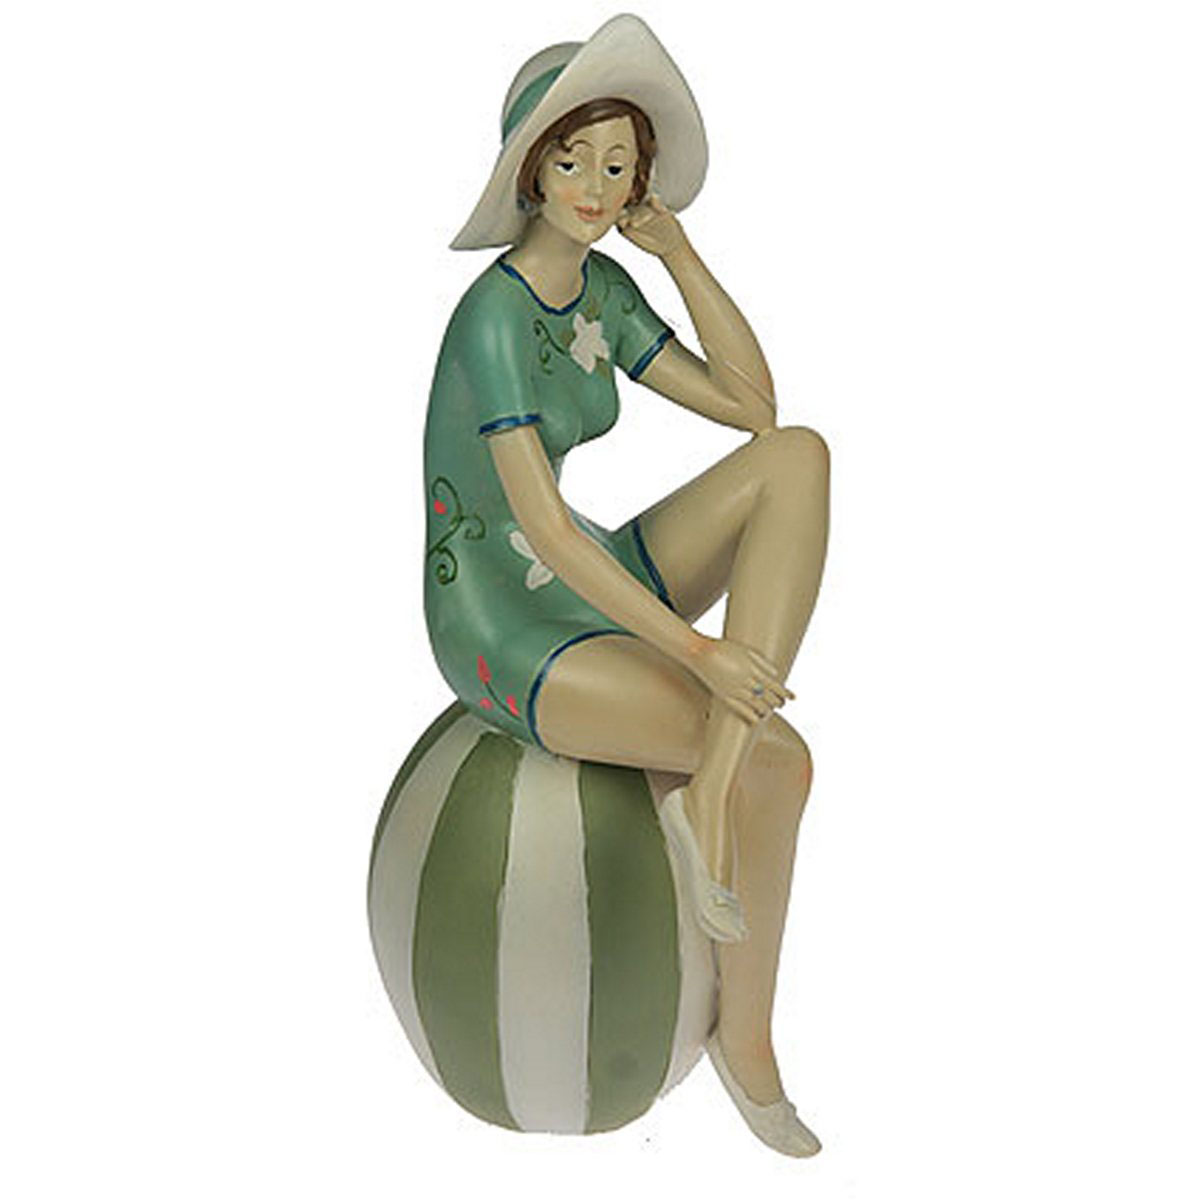 Статуэтка Русские Подарки Девушка на пляже, 15 х 11 х 30 см статуэтка русские подарки африканка 14 х 15 х 22 см